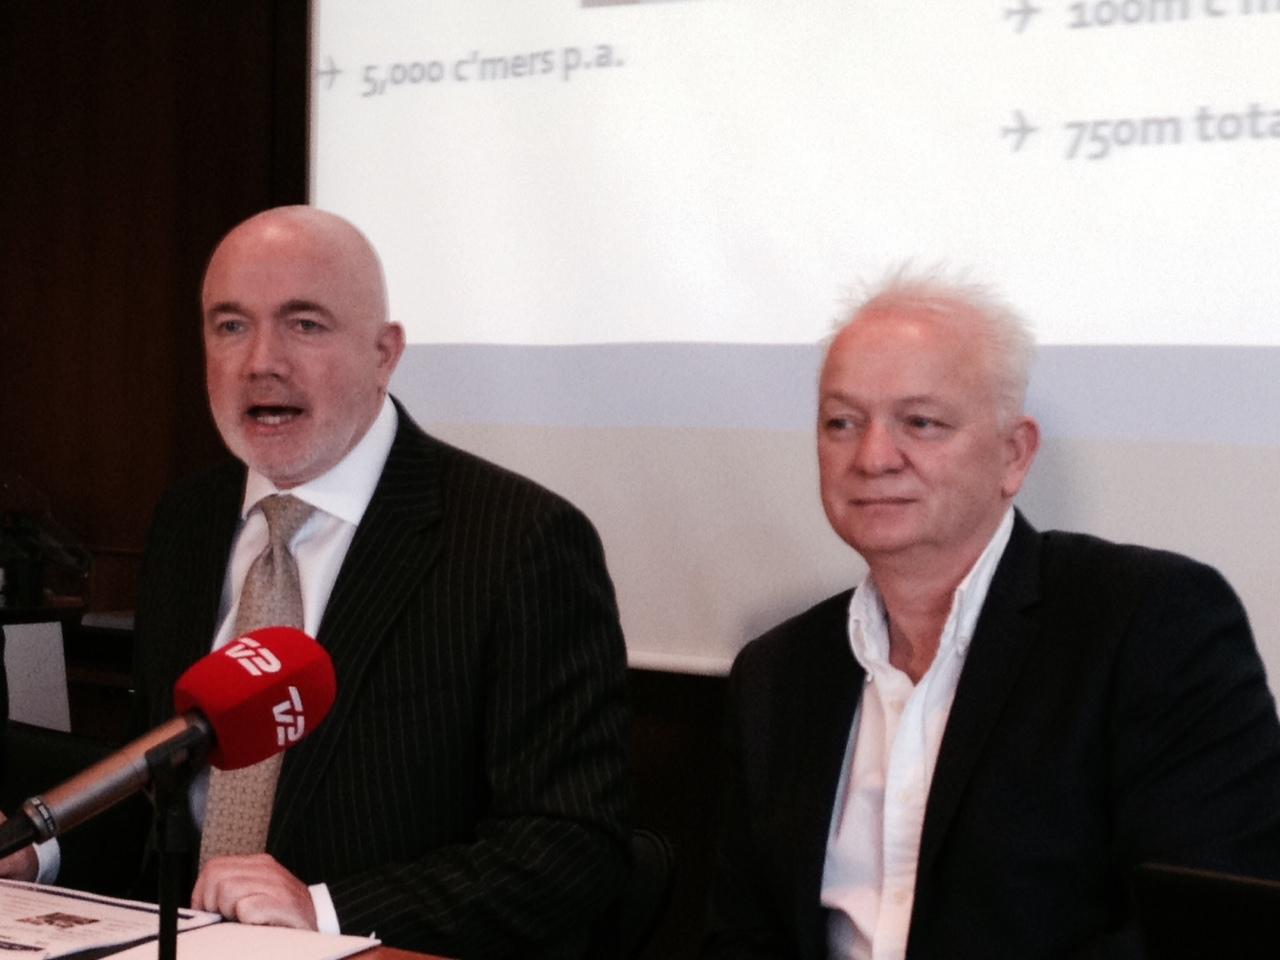 Kommerciel direktør David O´Brien (t.v.) og personaledirektør Eddie Wilson (t.h.) fra Ryanair til pressemøde i København i 2015. (Foto: Andreas Krog)